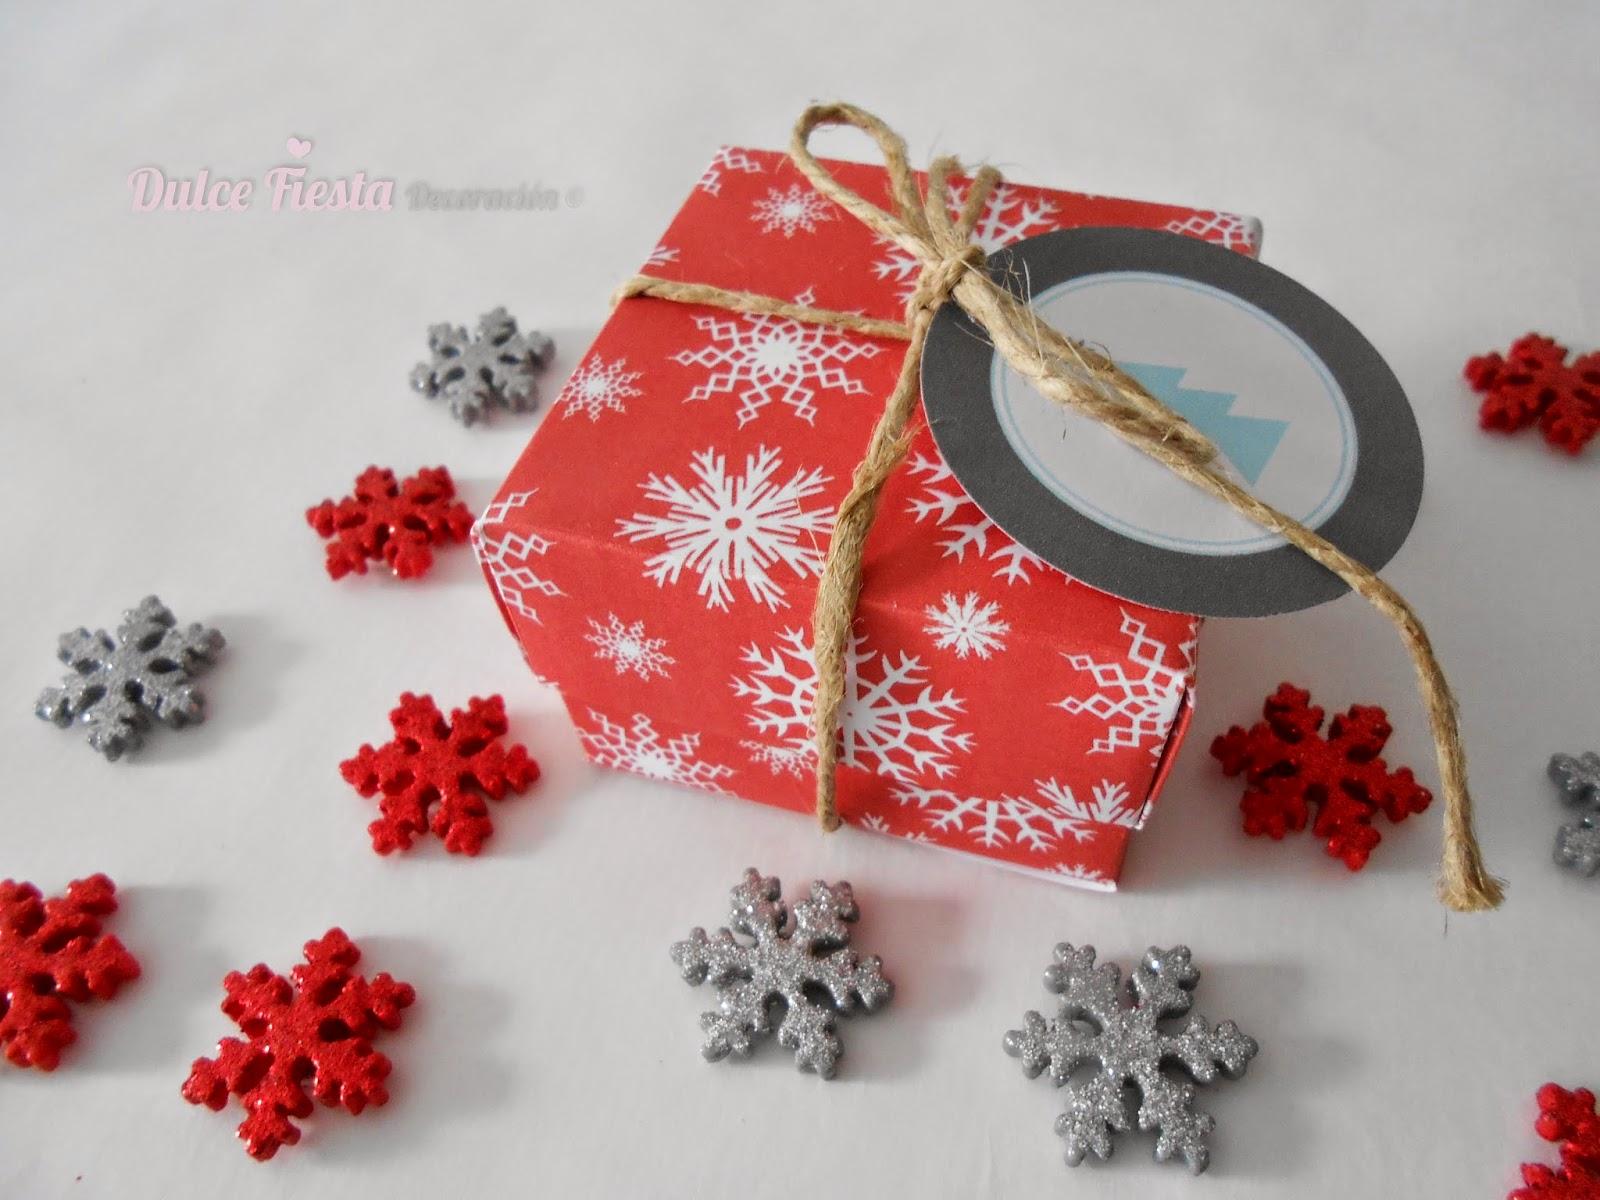 Dise o y decoraci n personalizada para eventos cajas de - Regalo padre navidad ...